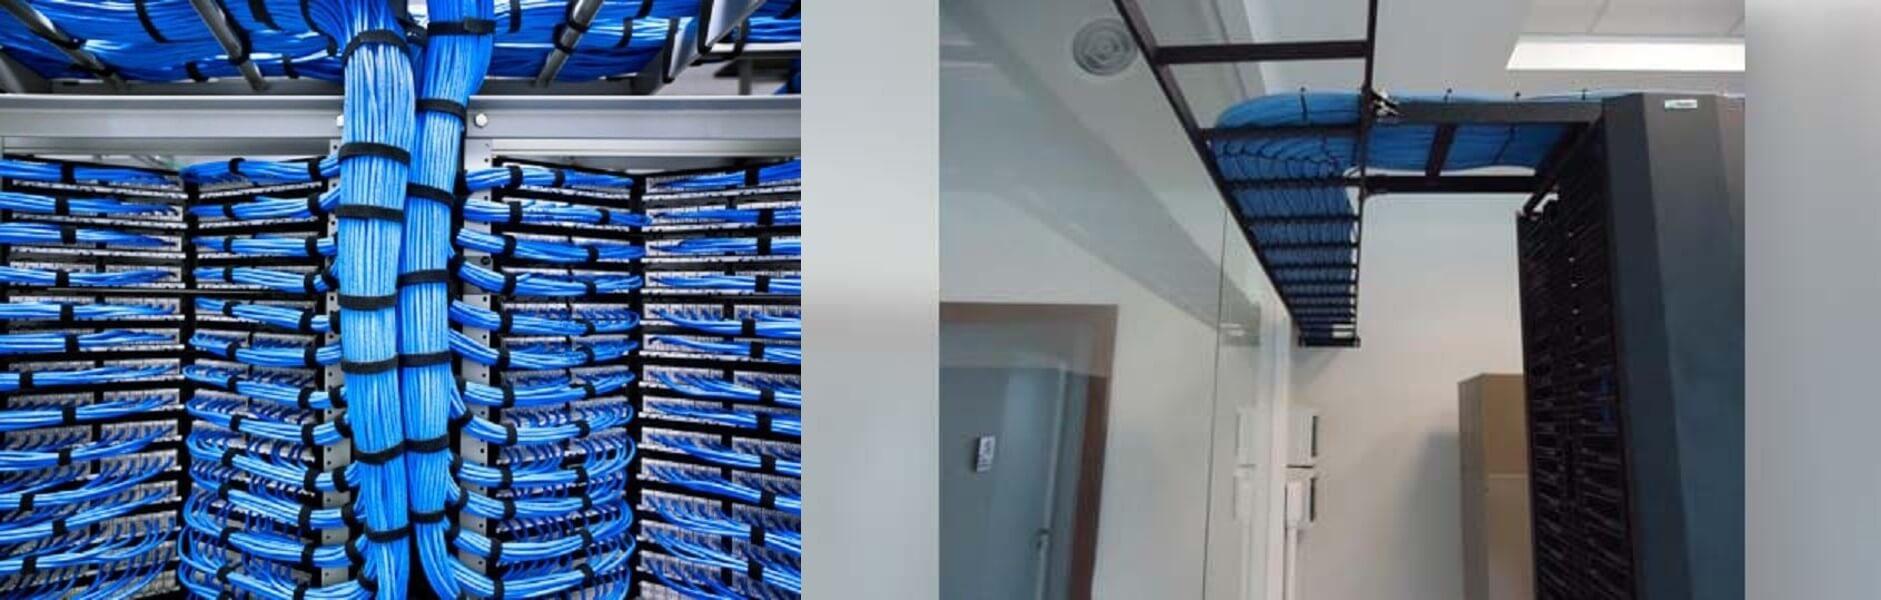 TECNOLOGIA EN REDES Y COMUNICACIONES SA DE CV - Cableado estructurado